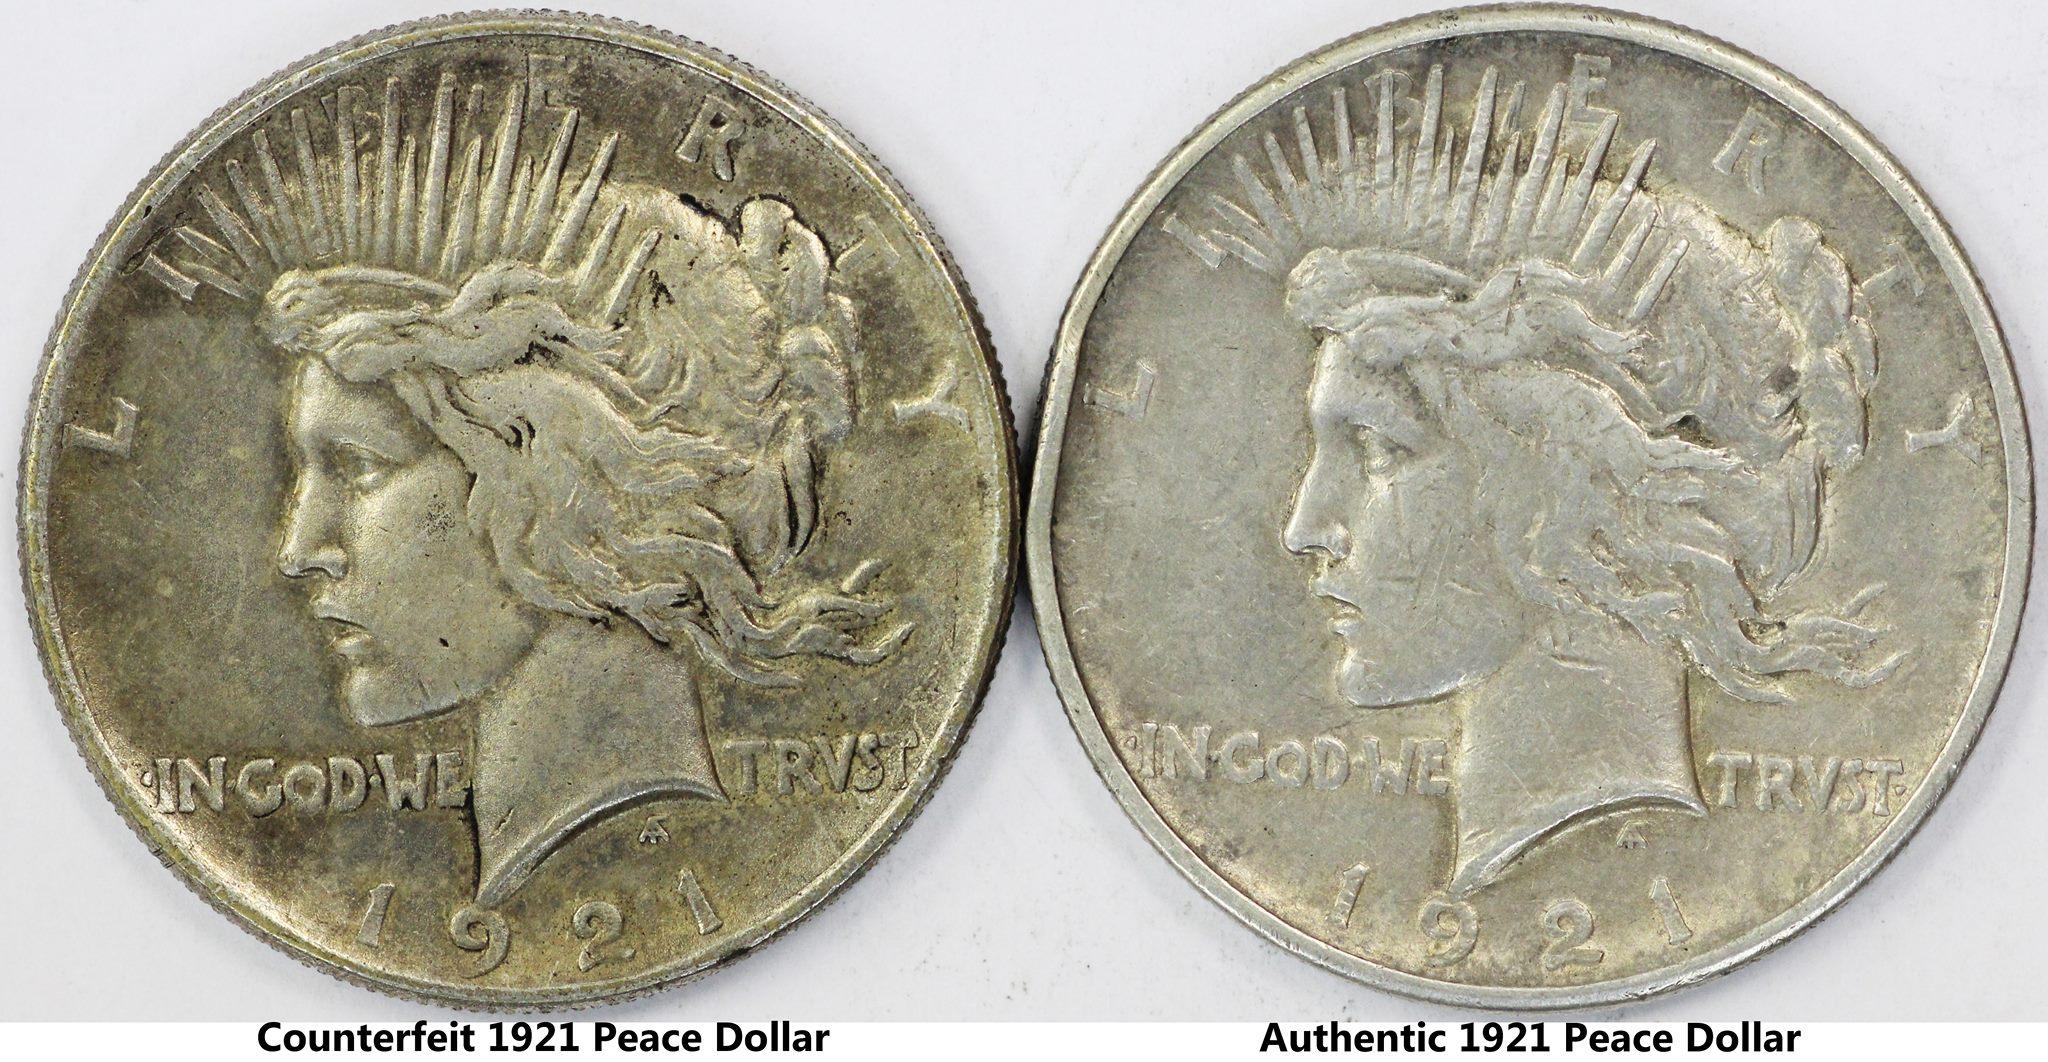 1921 Peace Dollar Counterfeit Coin Help